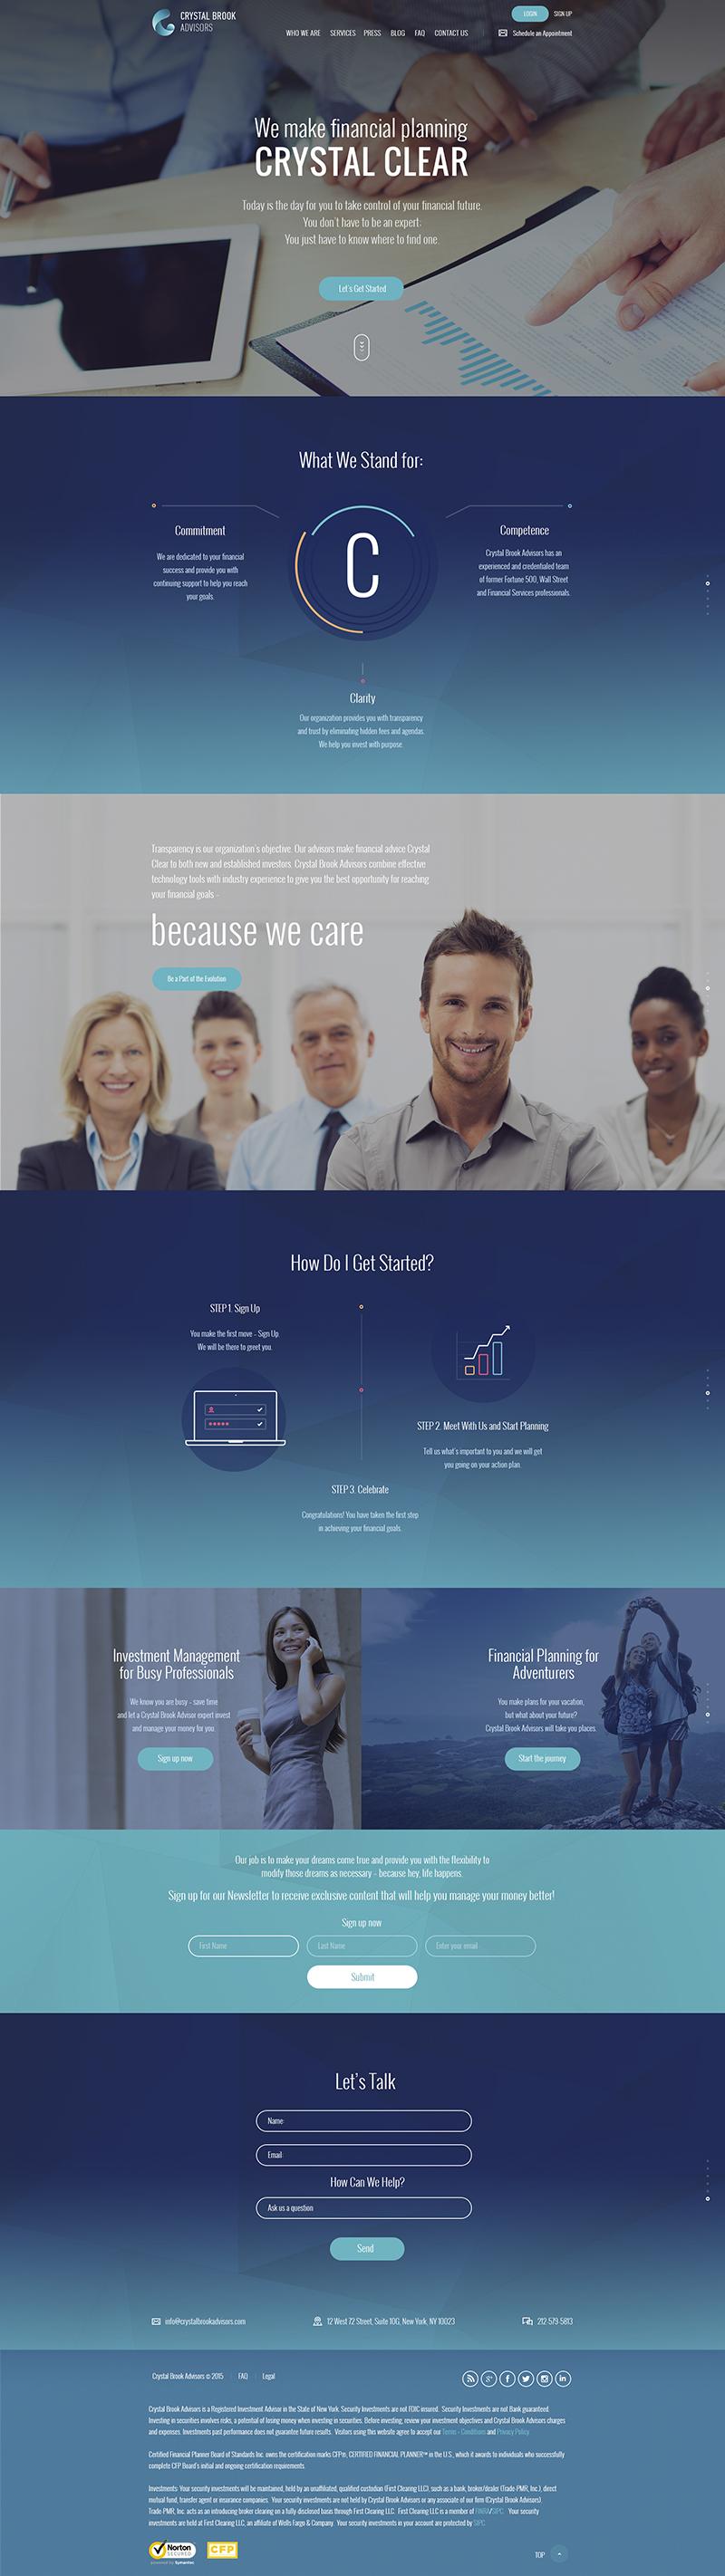 Crystal Brook Advisors Web Design